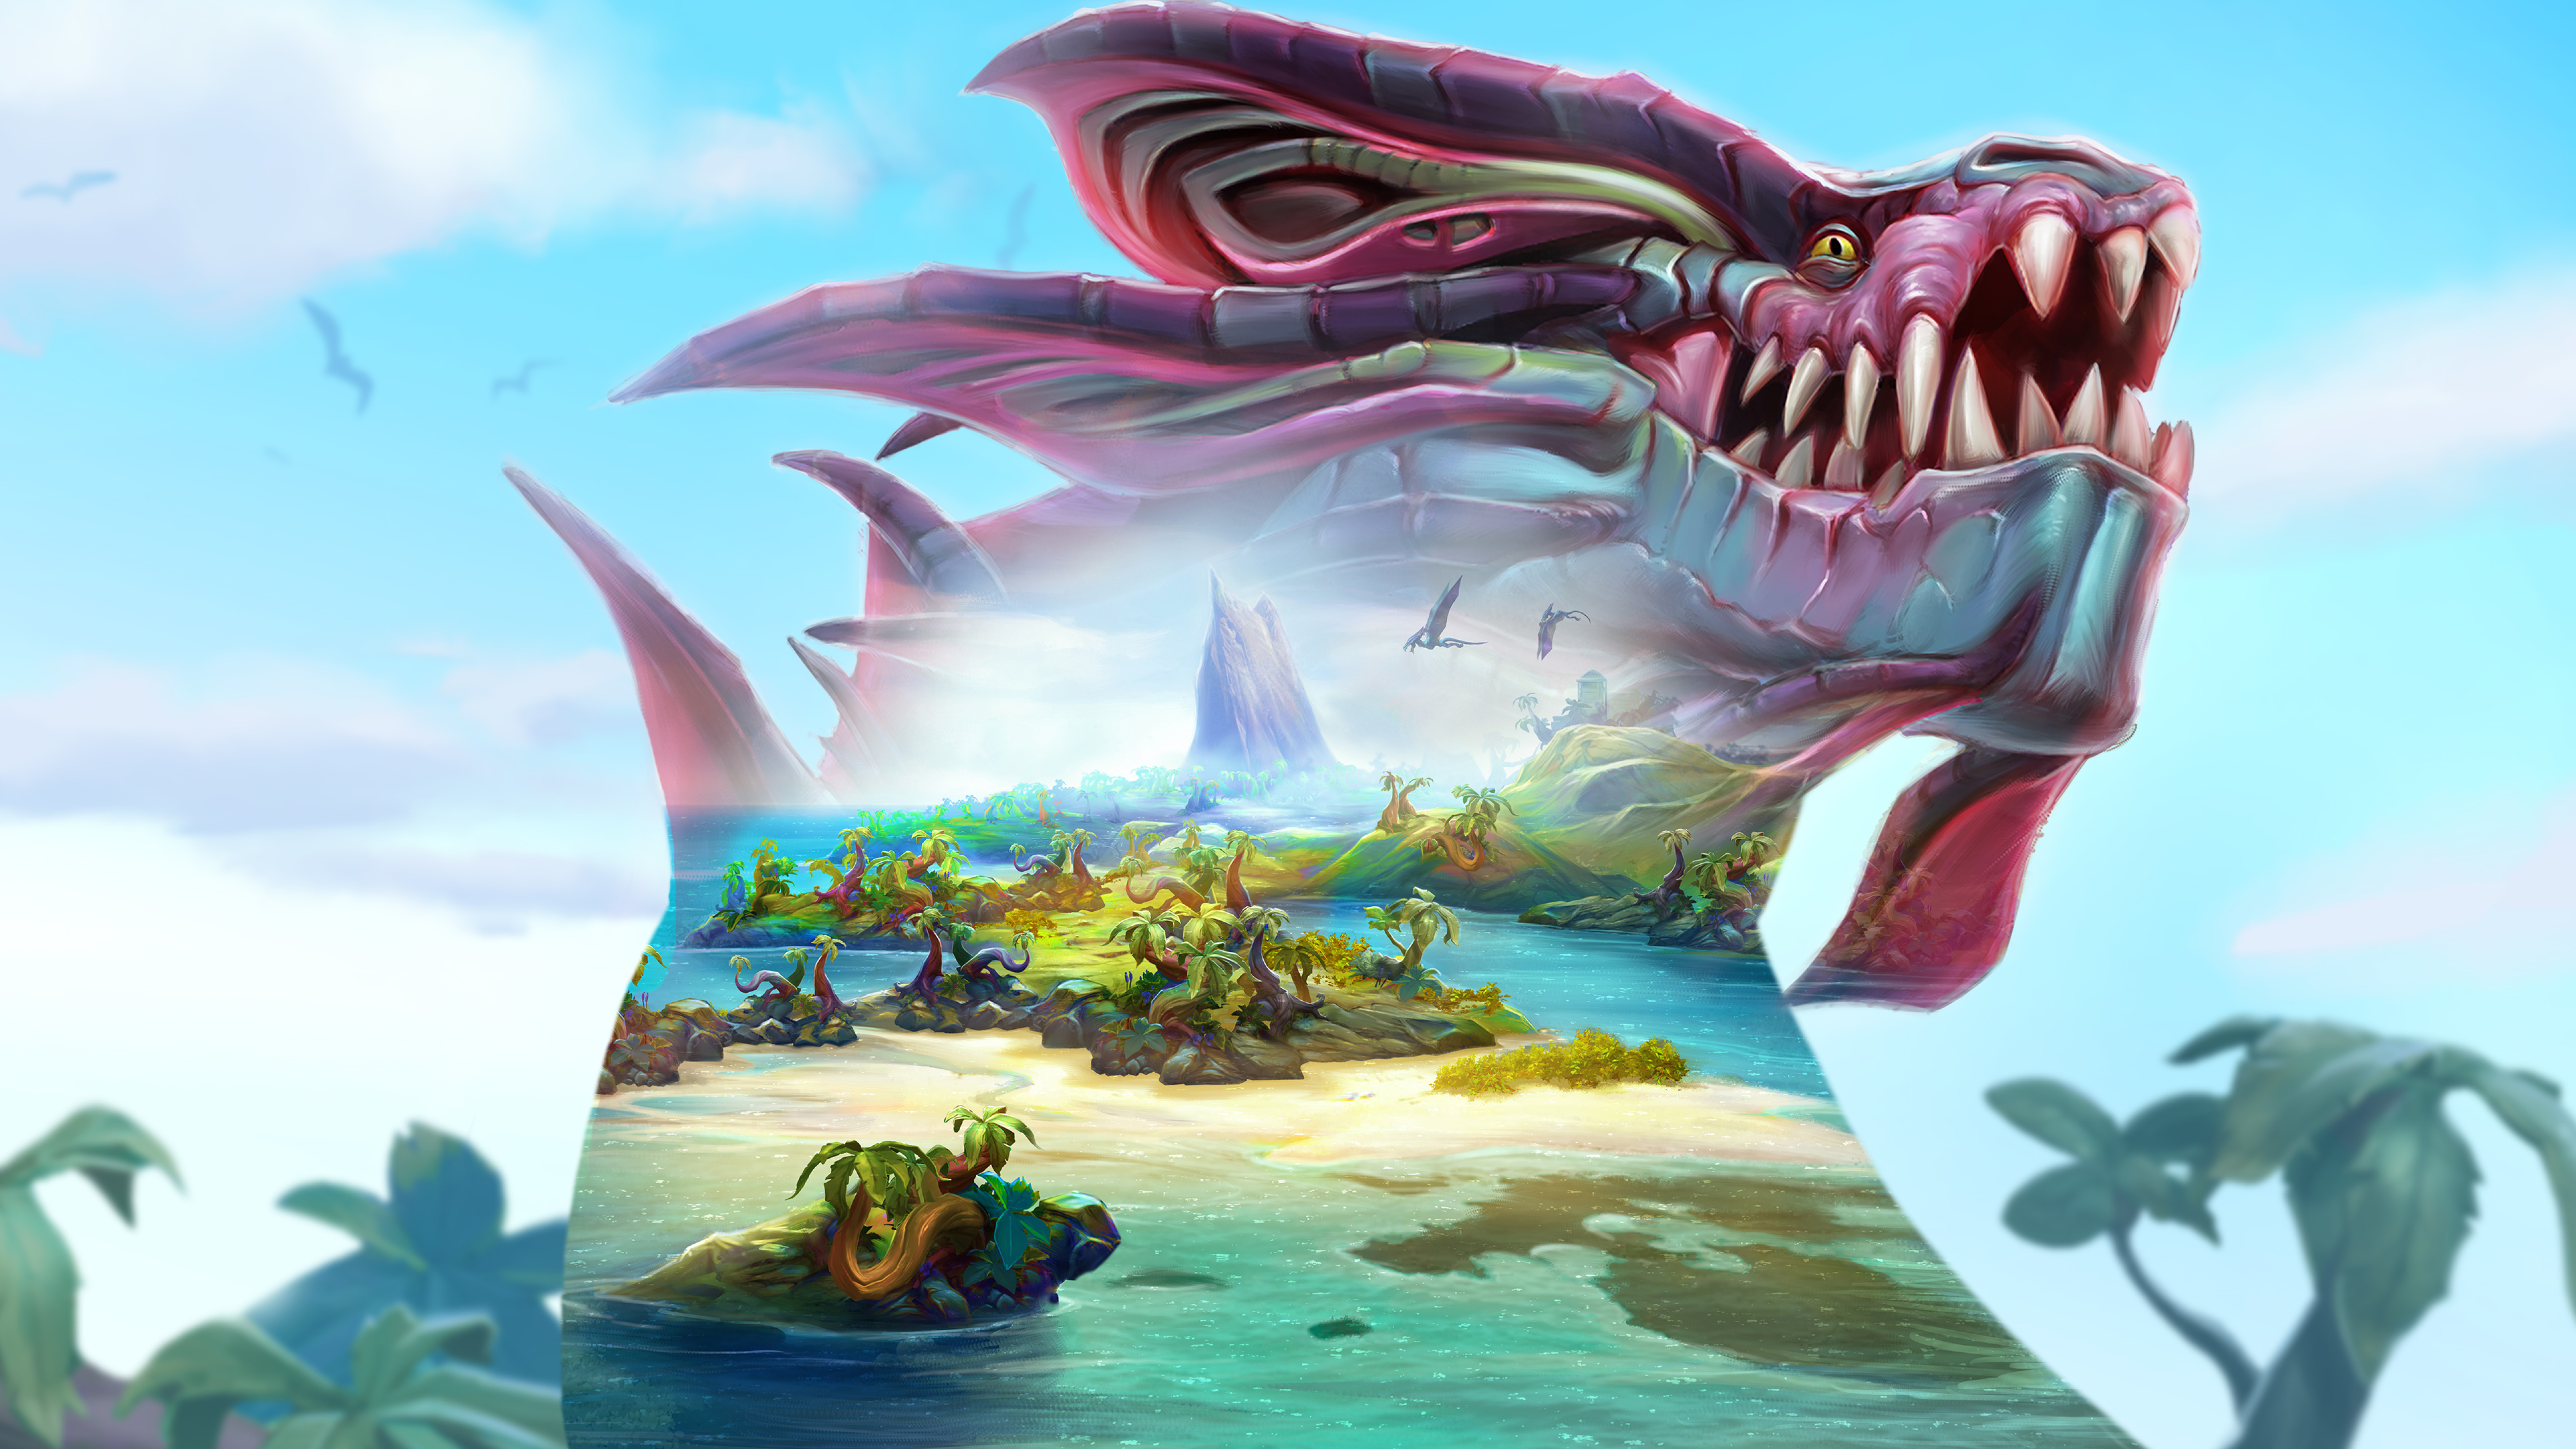 5120x2880 Runescape Dinosaure 5k Wallpaper Hd Games 4k